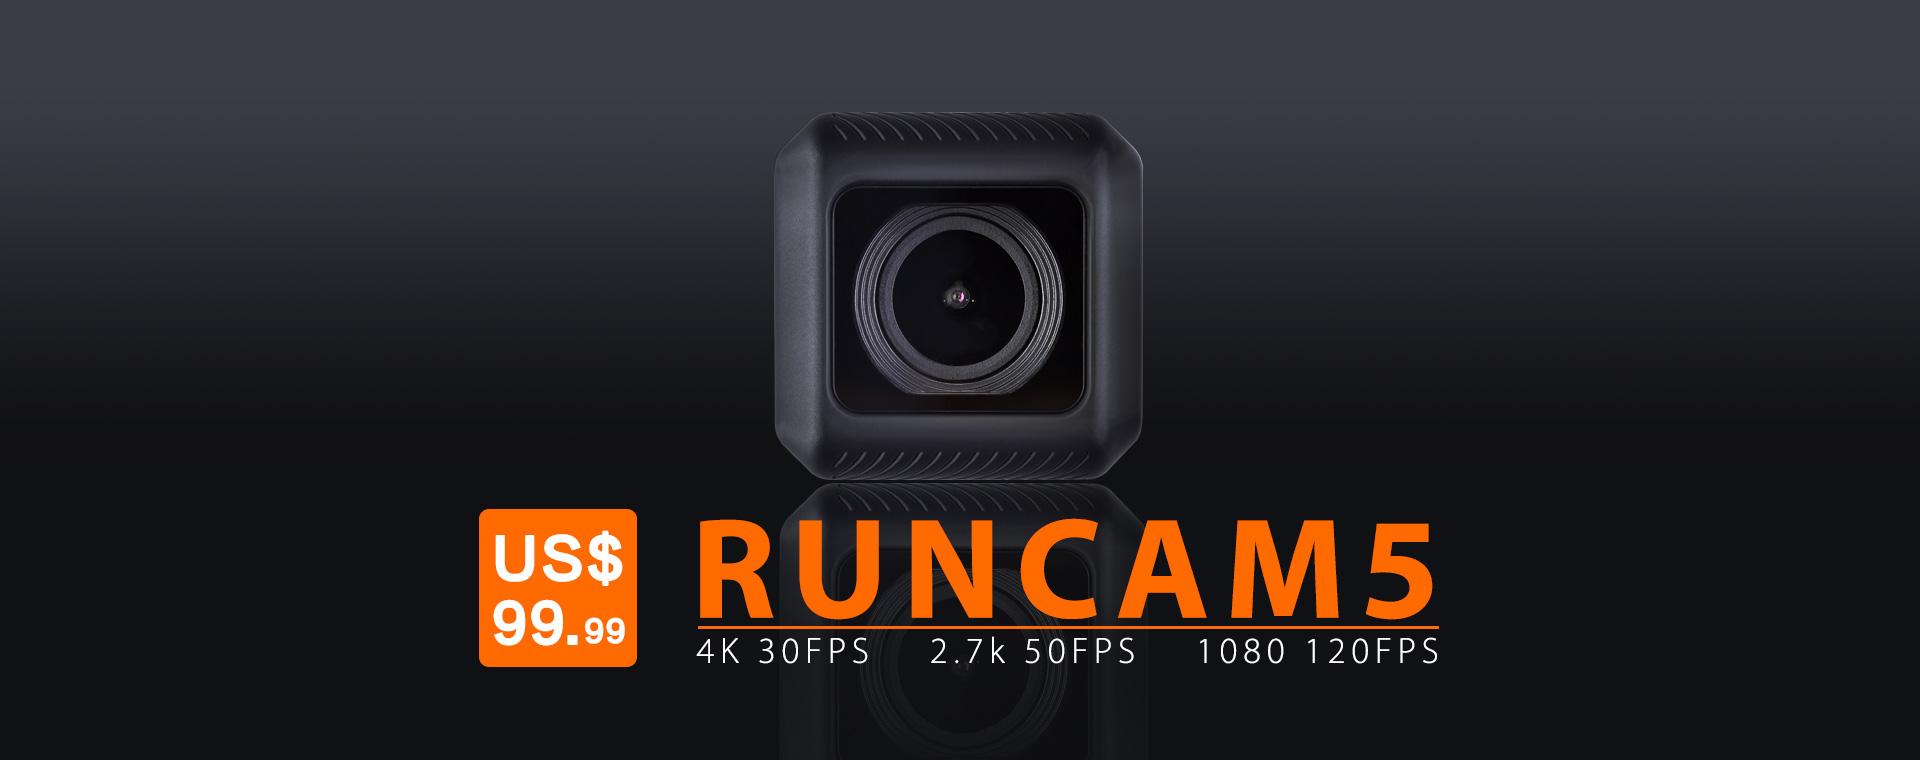 Niewielka kamera o niezwykłych parametrach